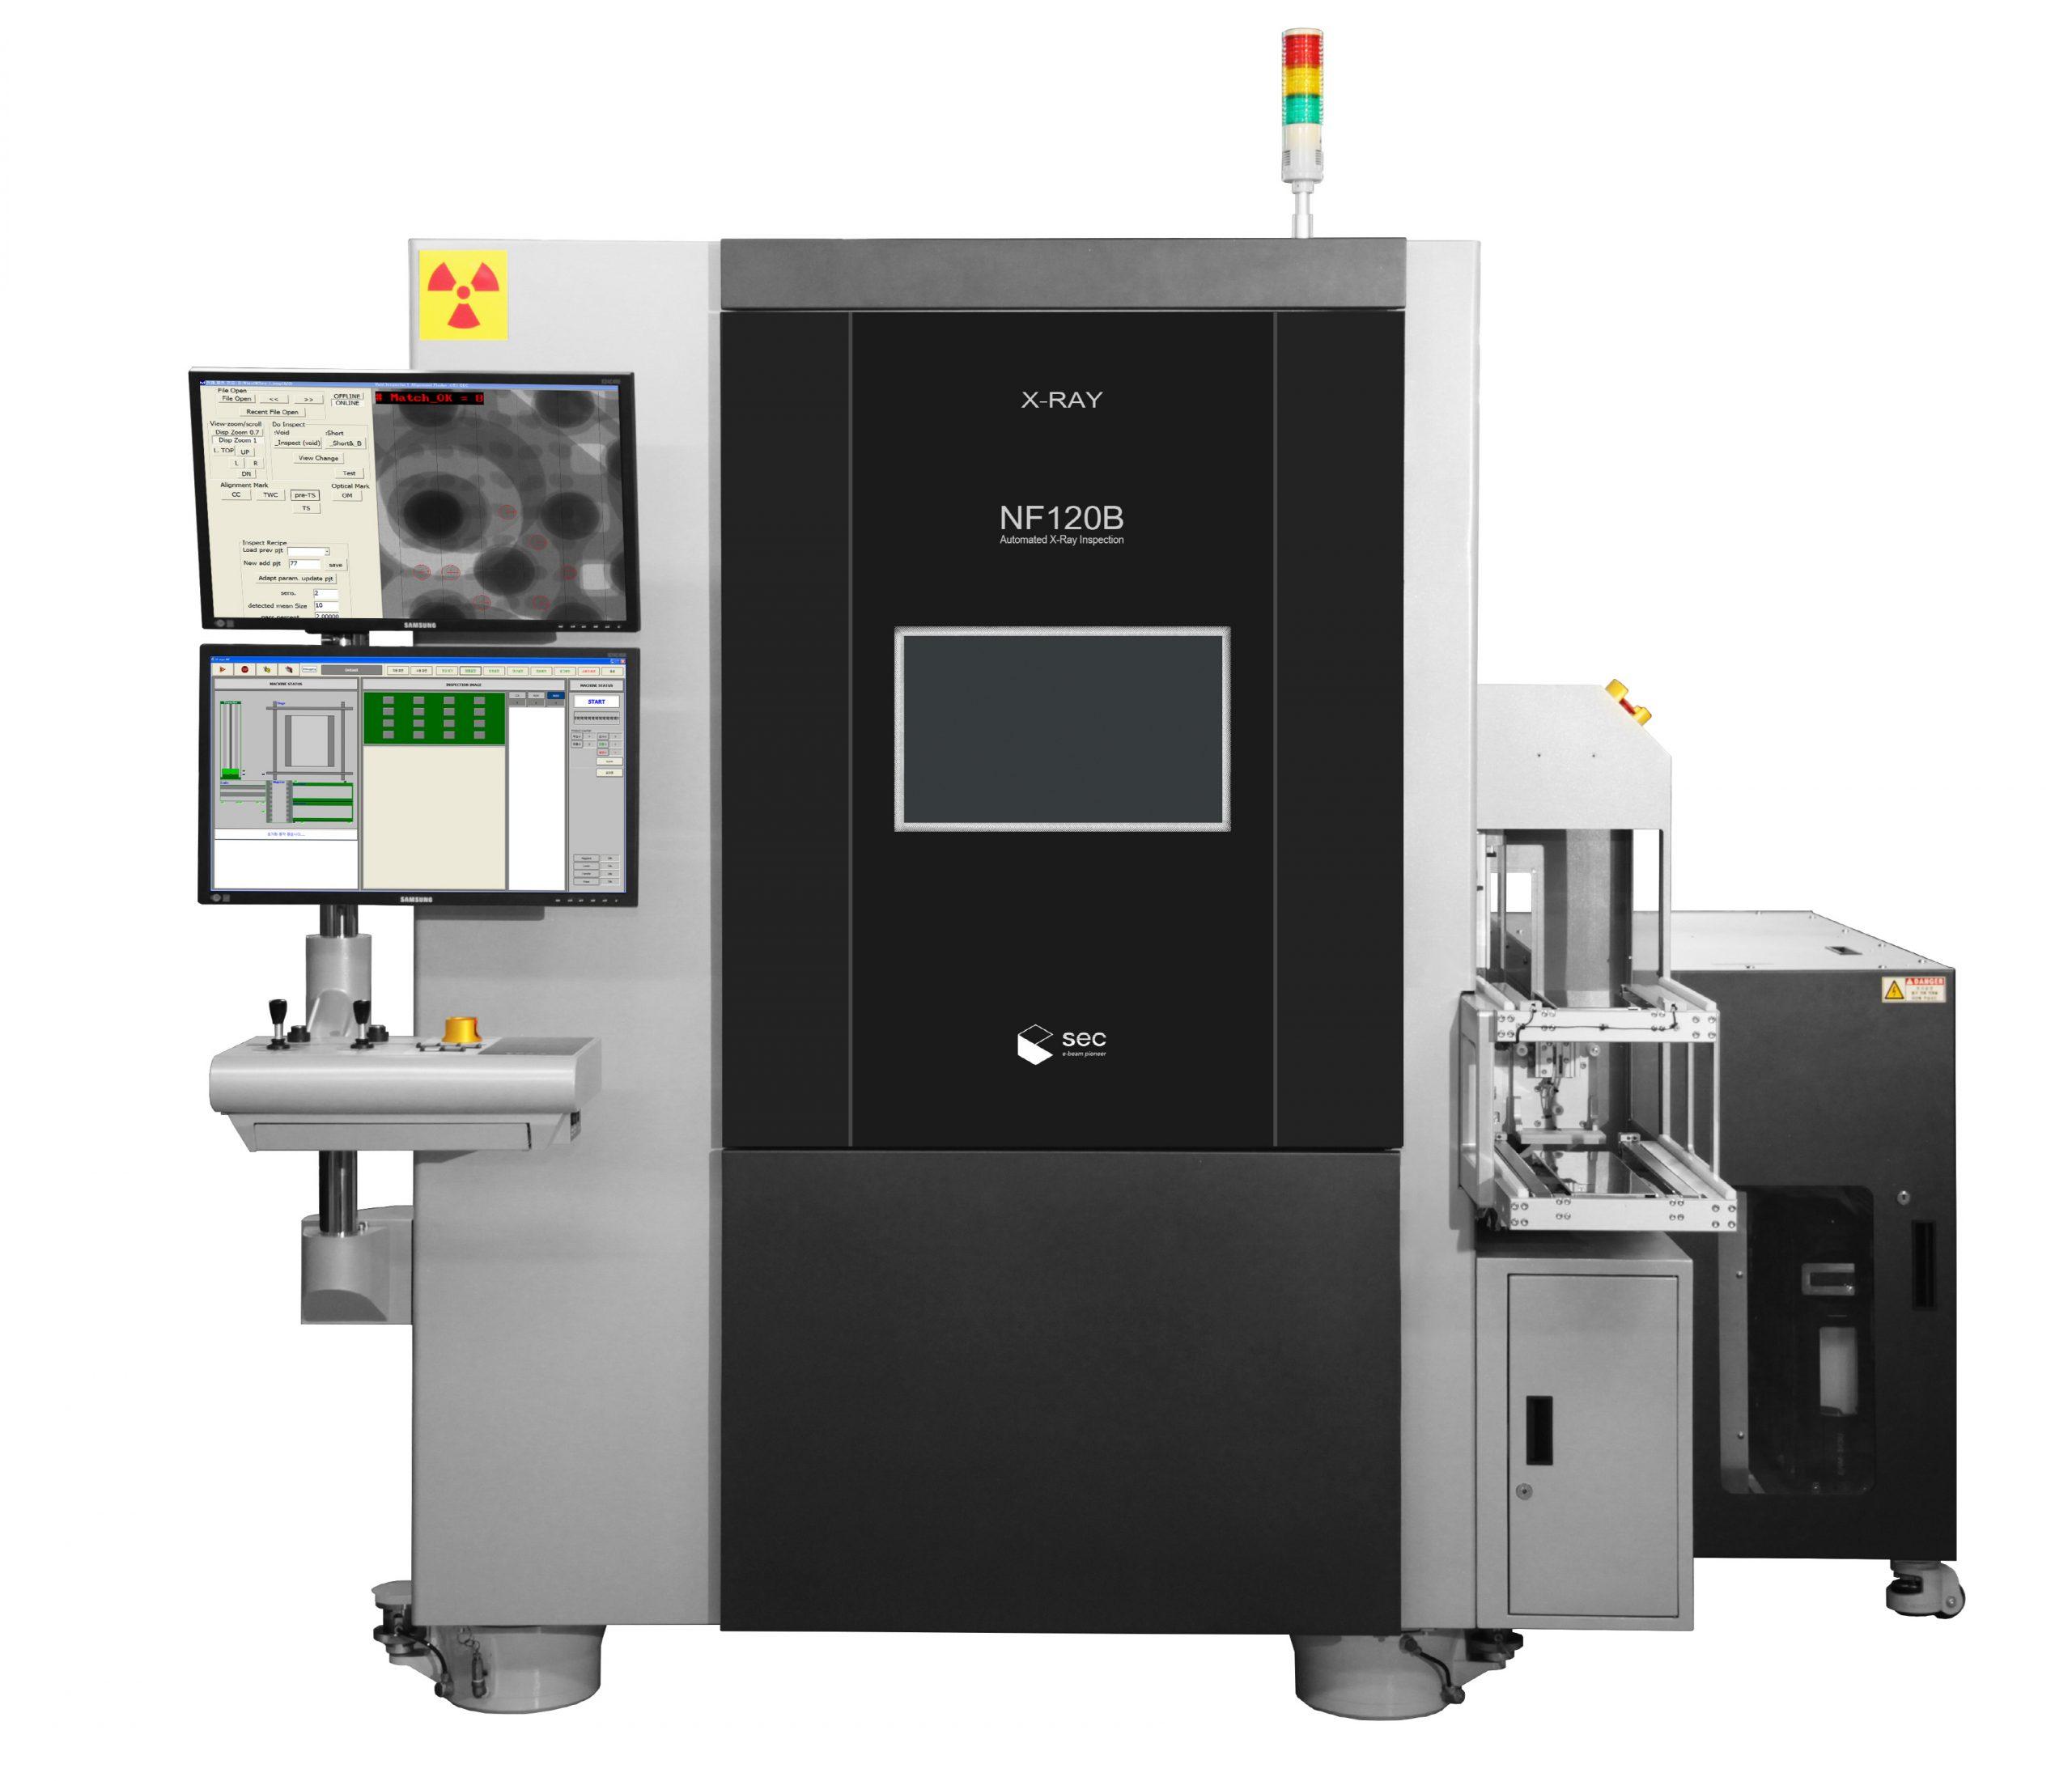 Máy X-ray <br> X-eye<br> NF120